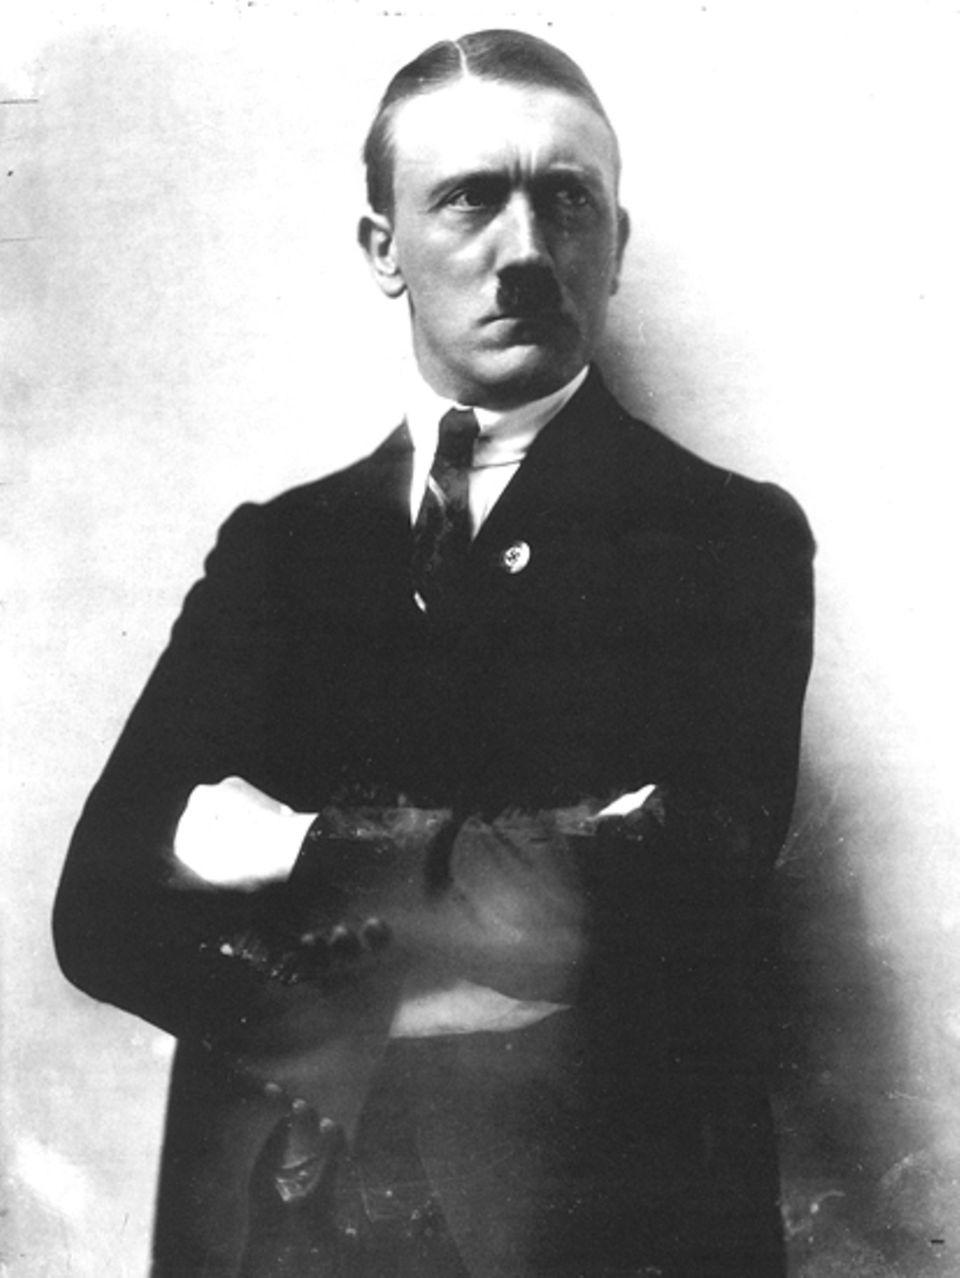 """Hitler-Fotograf Heinrich Hoffmann: 1921 - nur zwei Jahre nach seinem Parteieintritt - wird Adolf Hitler zum """"Führer"""" der NSDAP. Und er weiß um die Macht der Bilder. Bereits seit den frühen Zwanziger Jahren ist Heinrich Hoffmann sein """"Hoffotograf"""""""